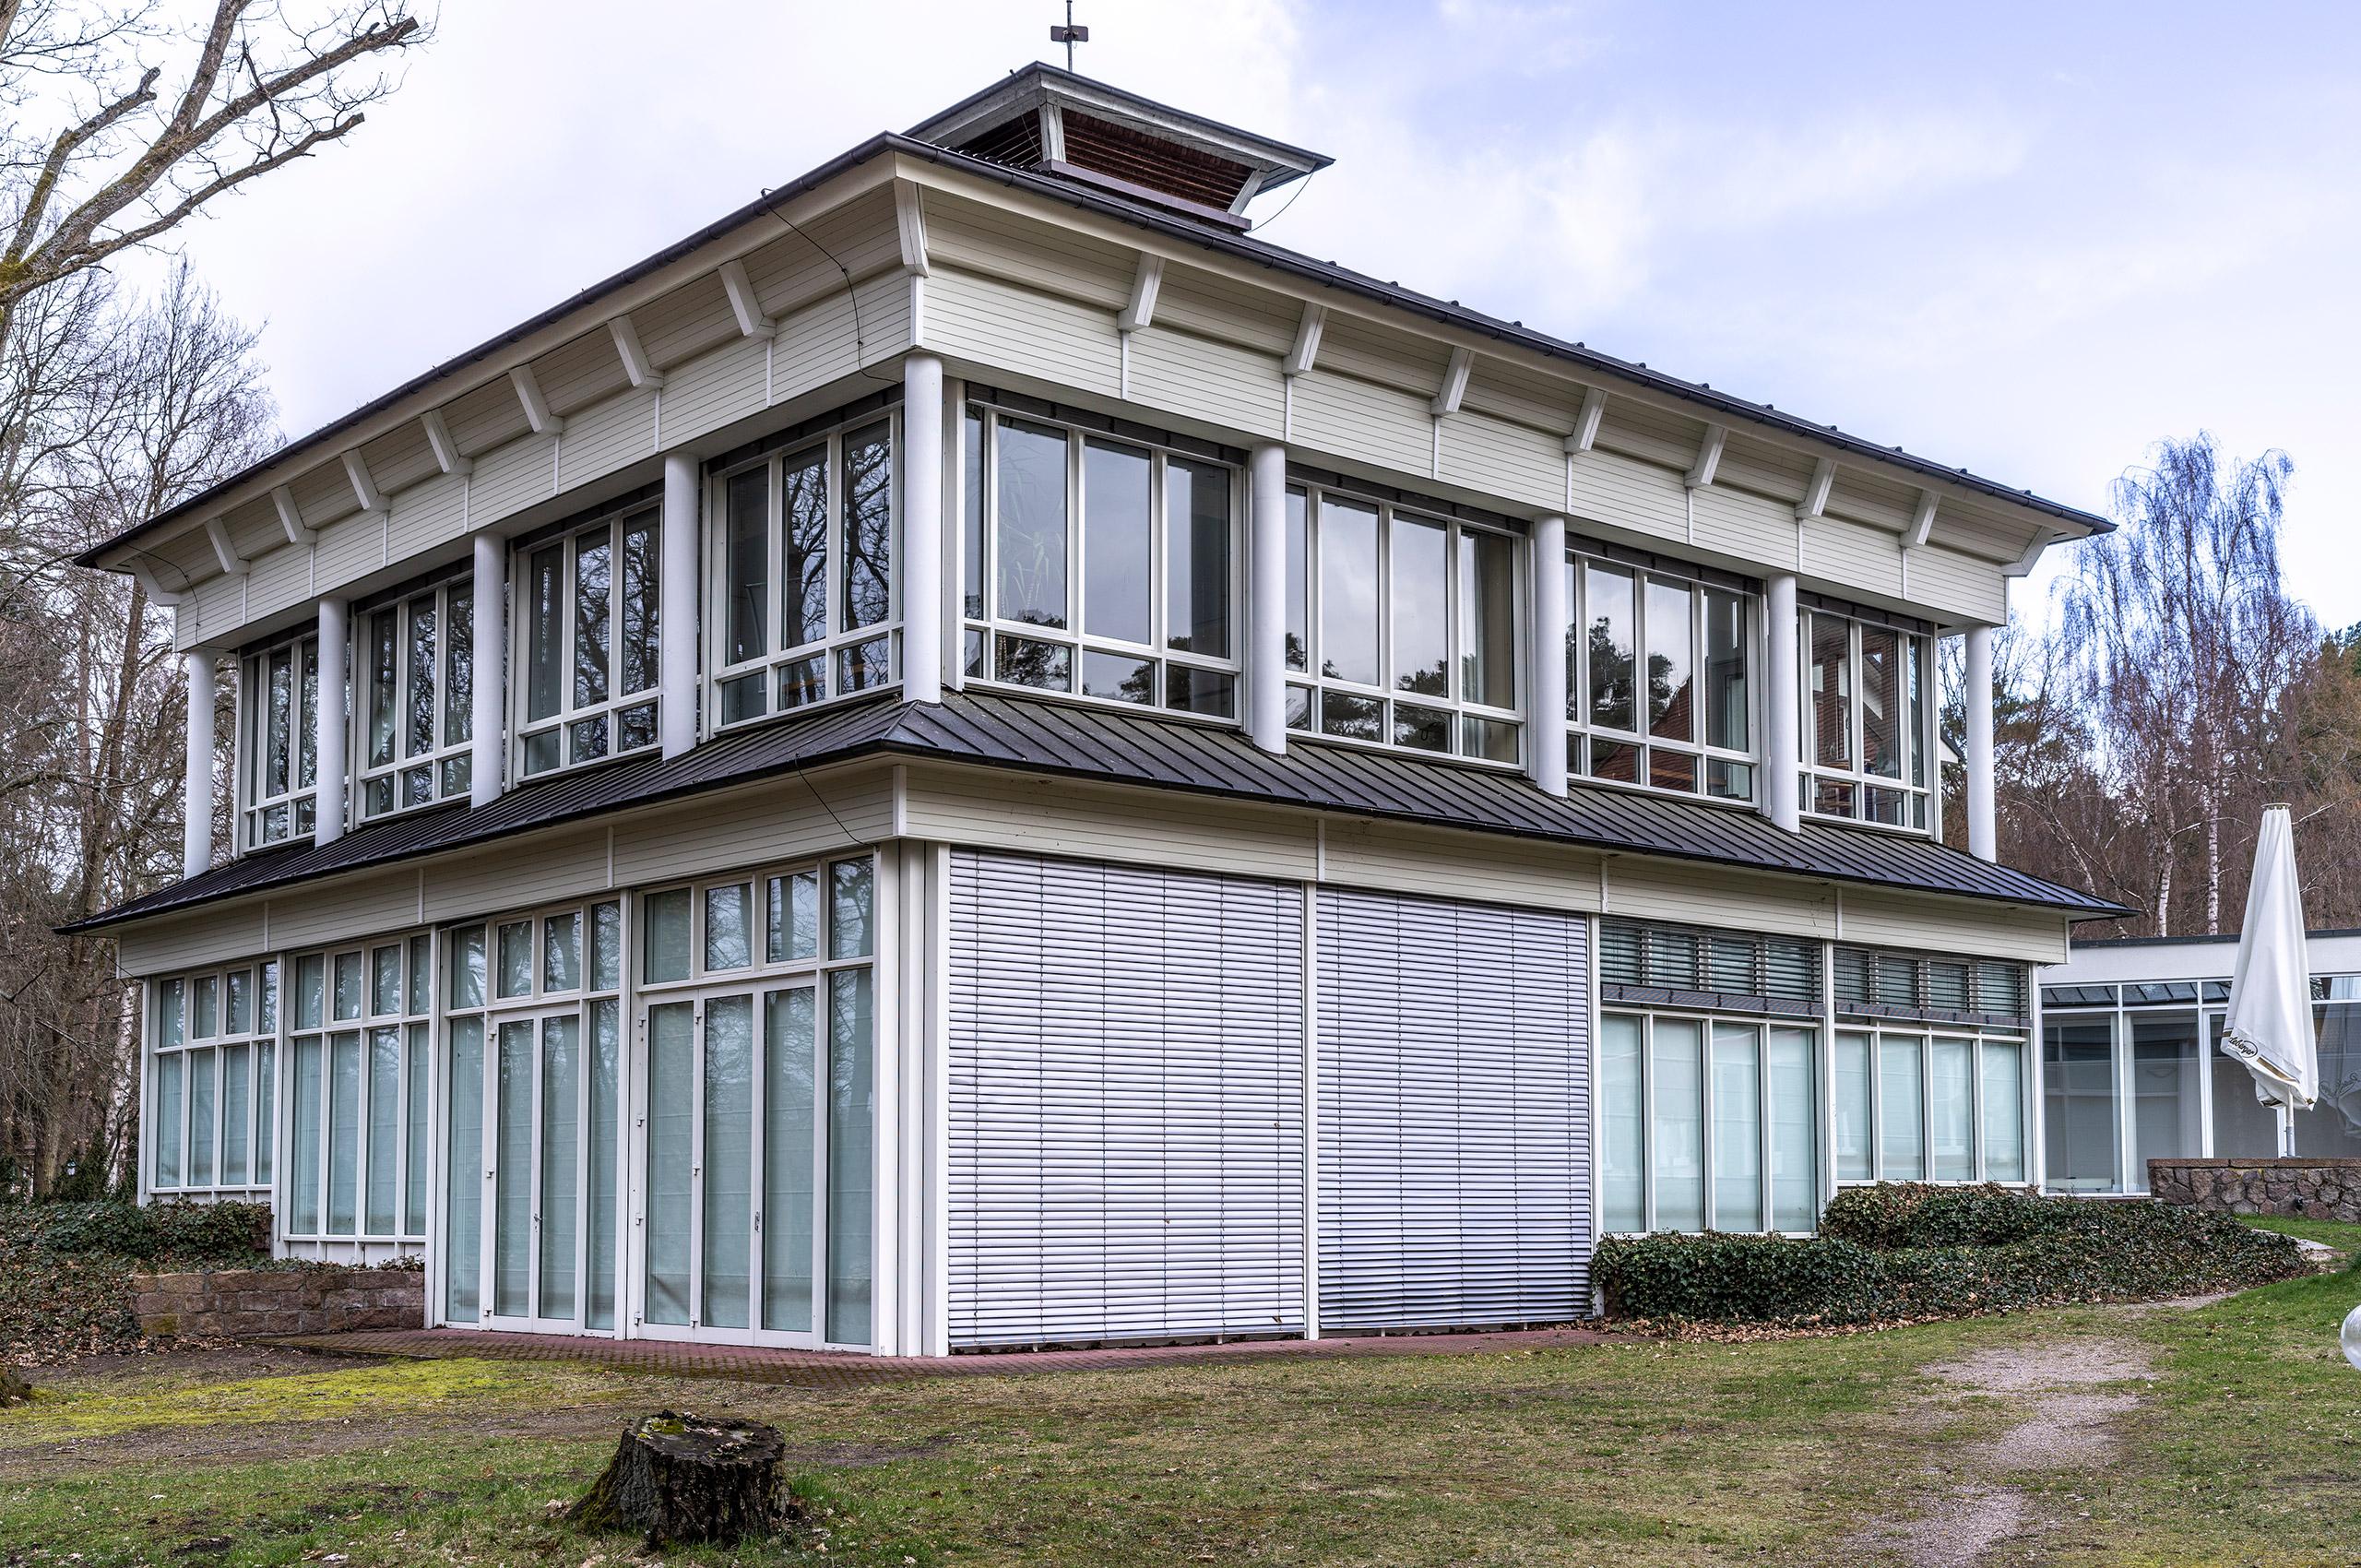 Vicent Architekten Hotel Döllnsee Auditorium